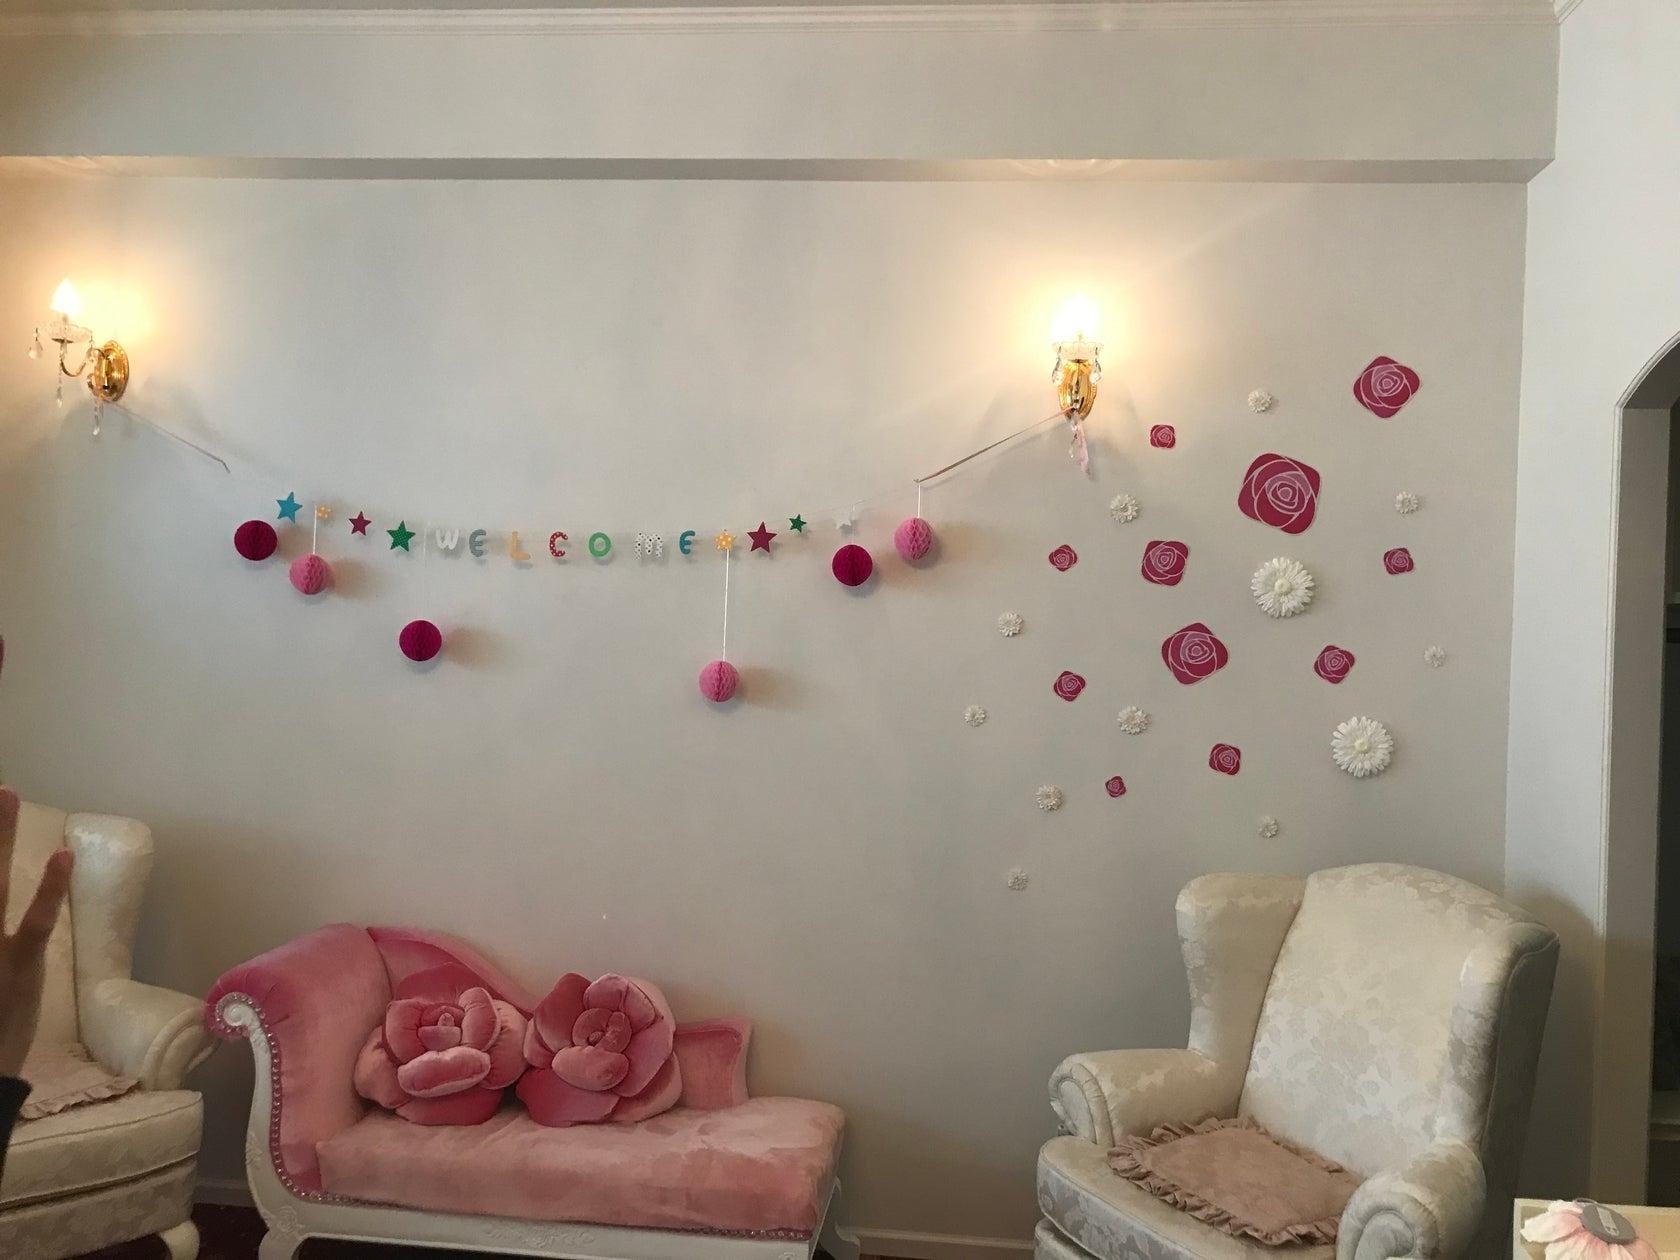 花🌸TVでも紹介されたお姫様気分を味わえるお部屋です。🌸キッチン付き 姫系女子に大人気!(花🌸🌸レンタルスペースShinytime🌸🌸 the flower room) の写真0